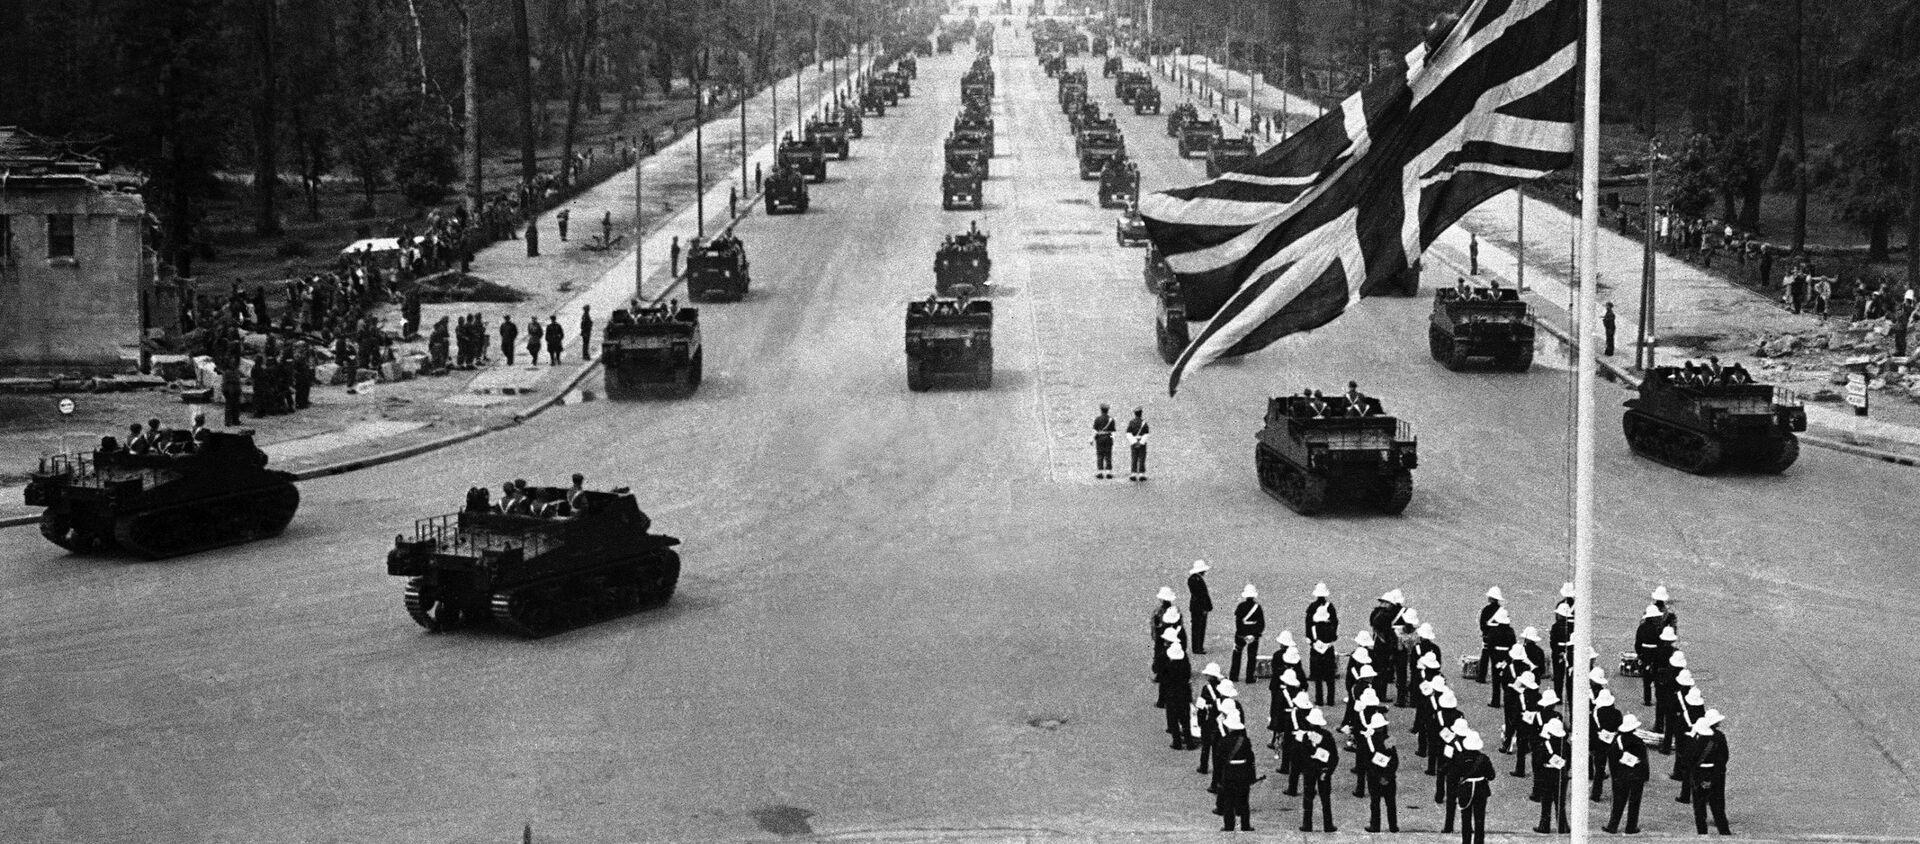 Quân đội Anh trong cuộc duyệt binh ở Berlin. 13 tháng 7 năm 1945 - Sputnik Việt Nam, 1920, 04.05.2021